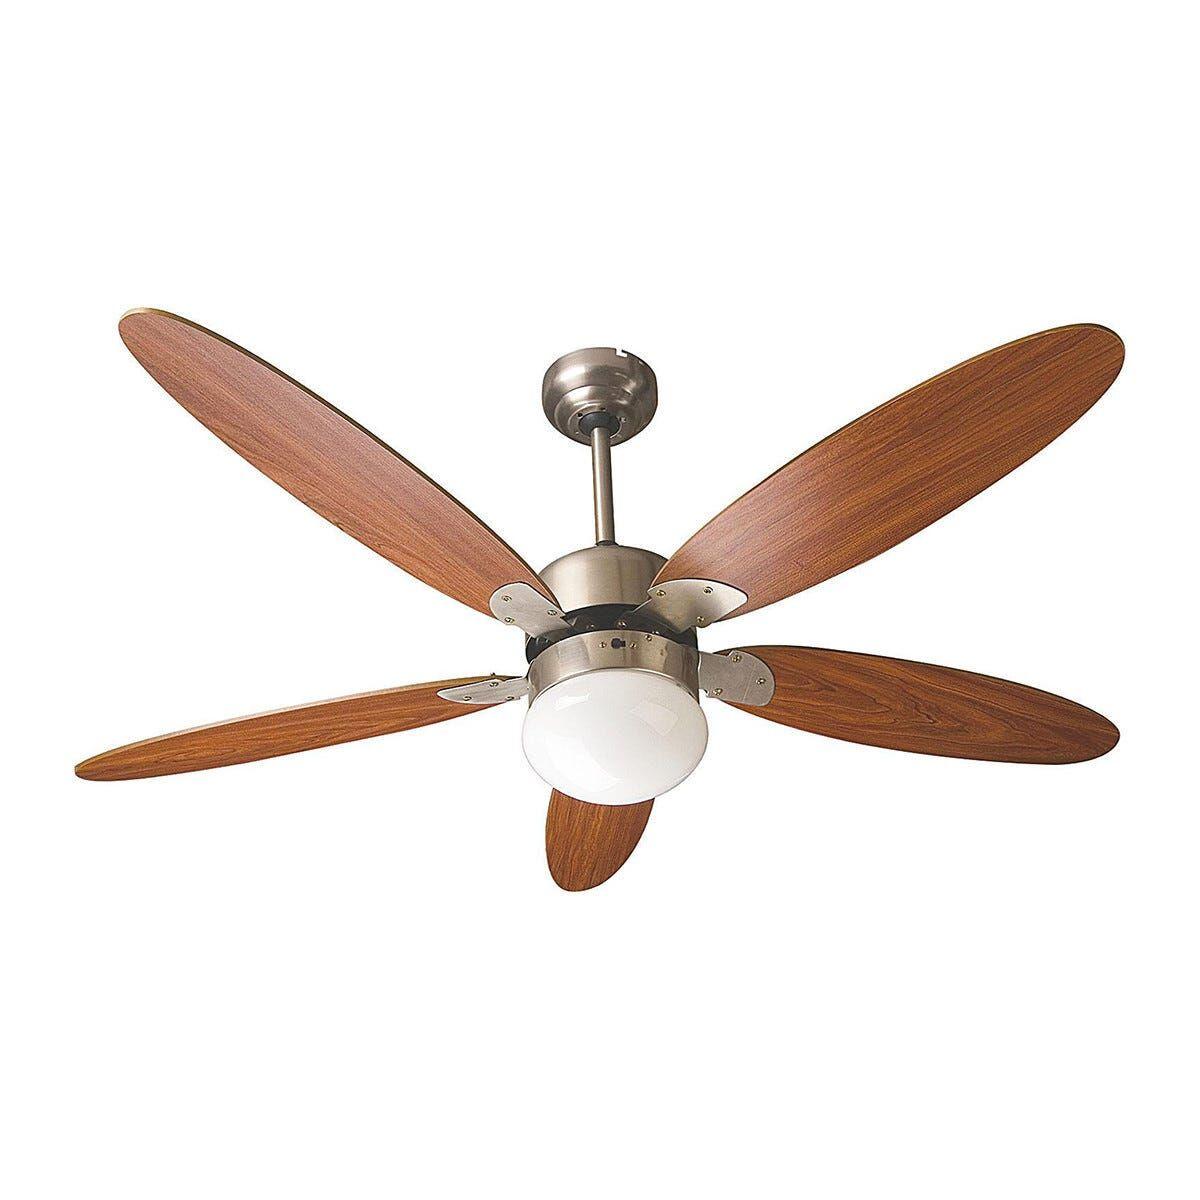 ventilatore da soffitto 5 pale Ø 130 cm marrone con luce e comando a cordicella 3 velocita'